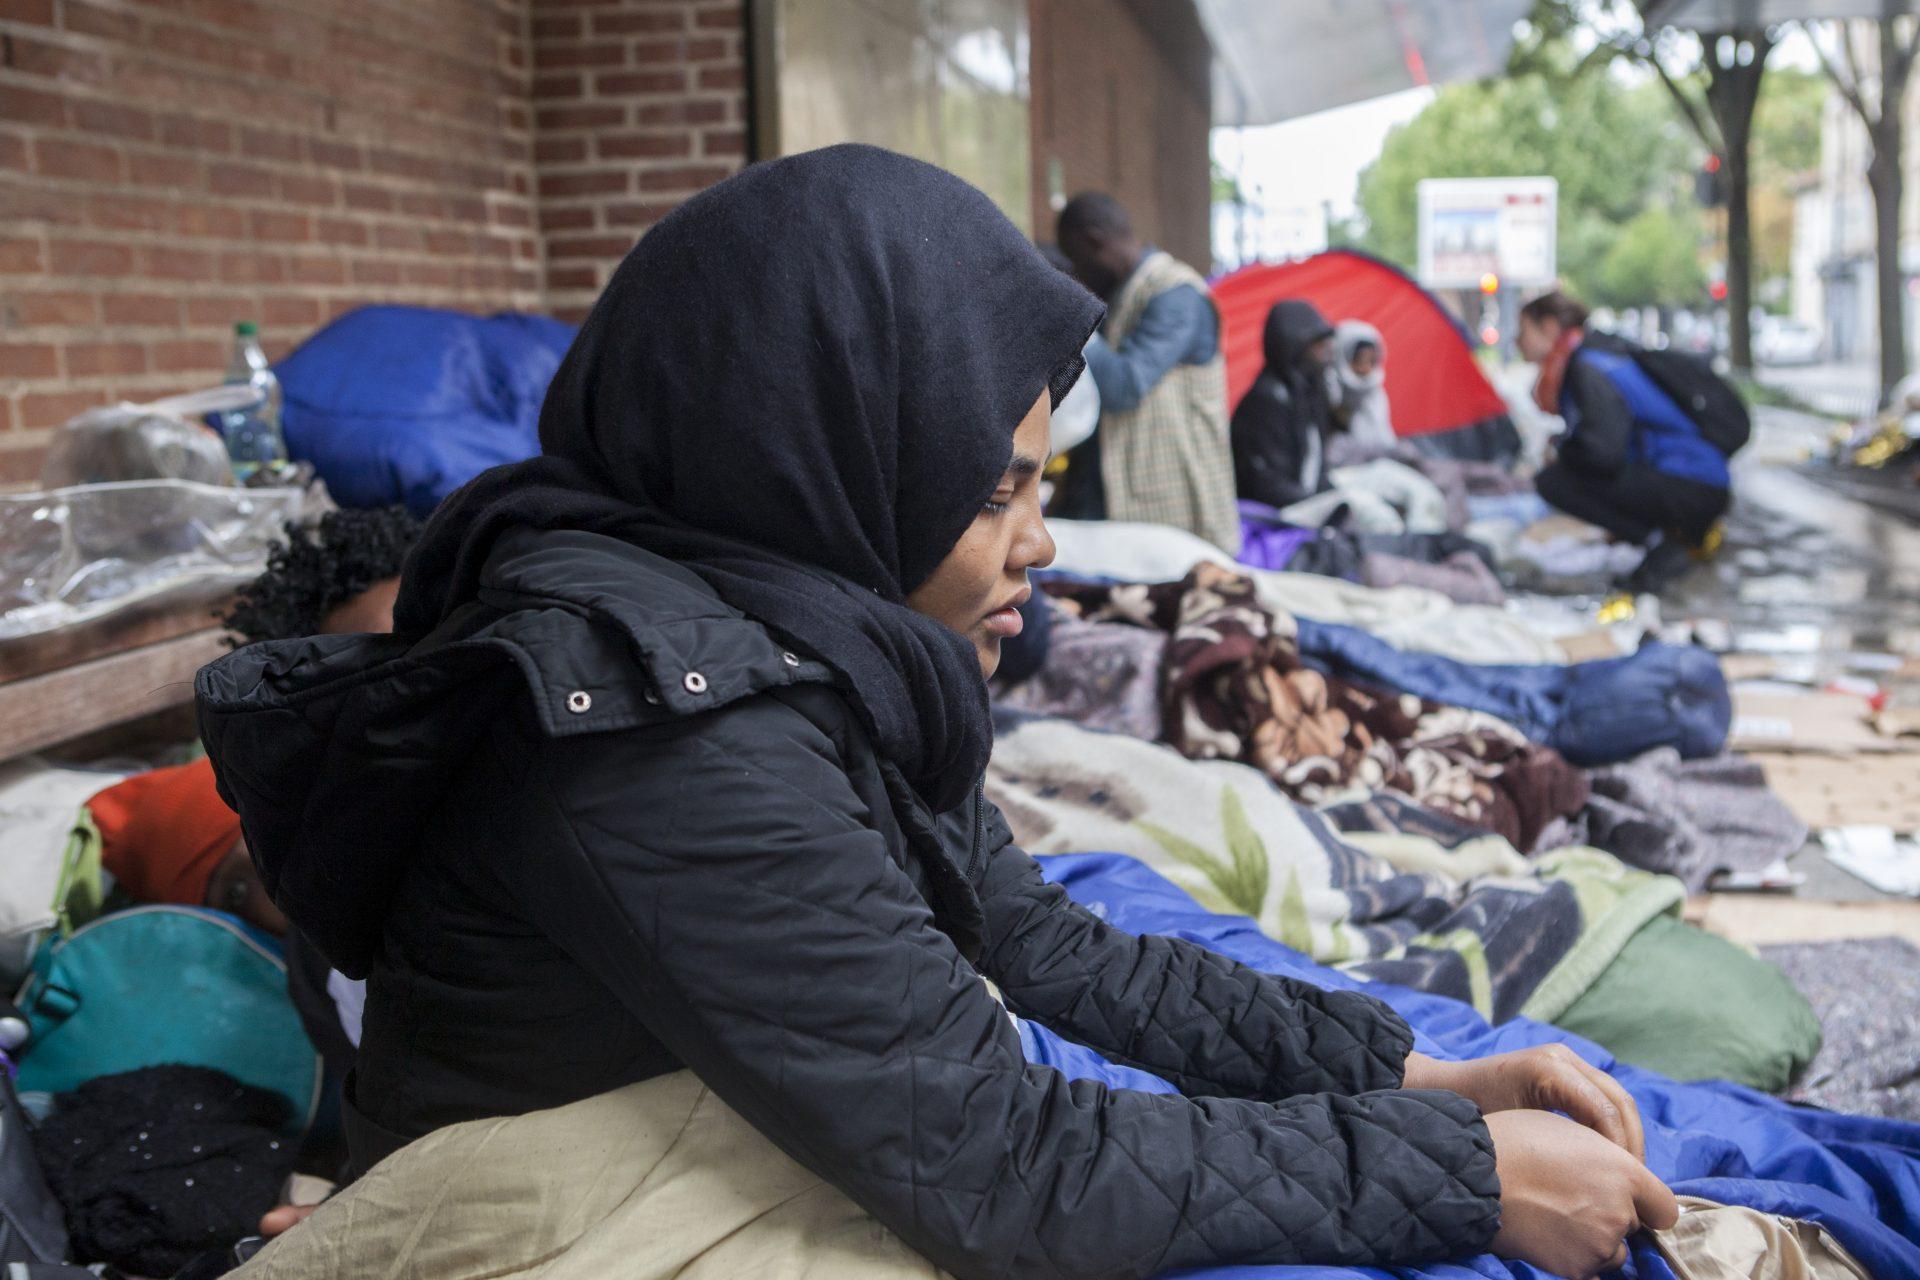 L'errance des migrants à Paris